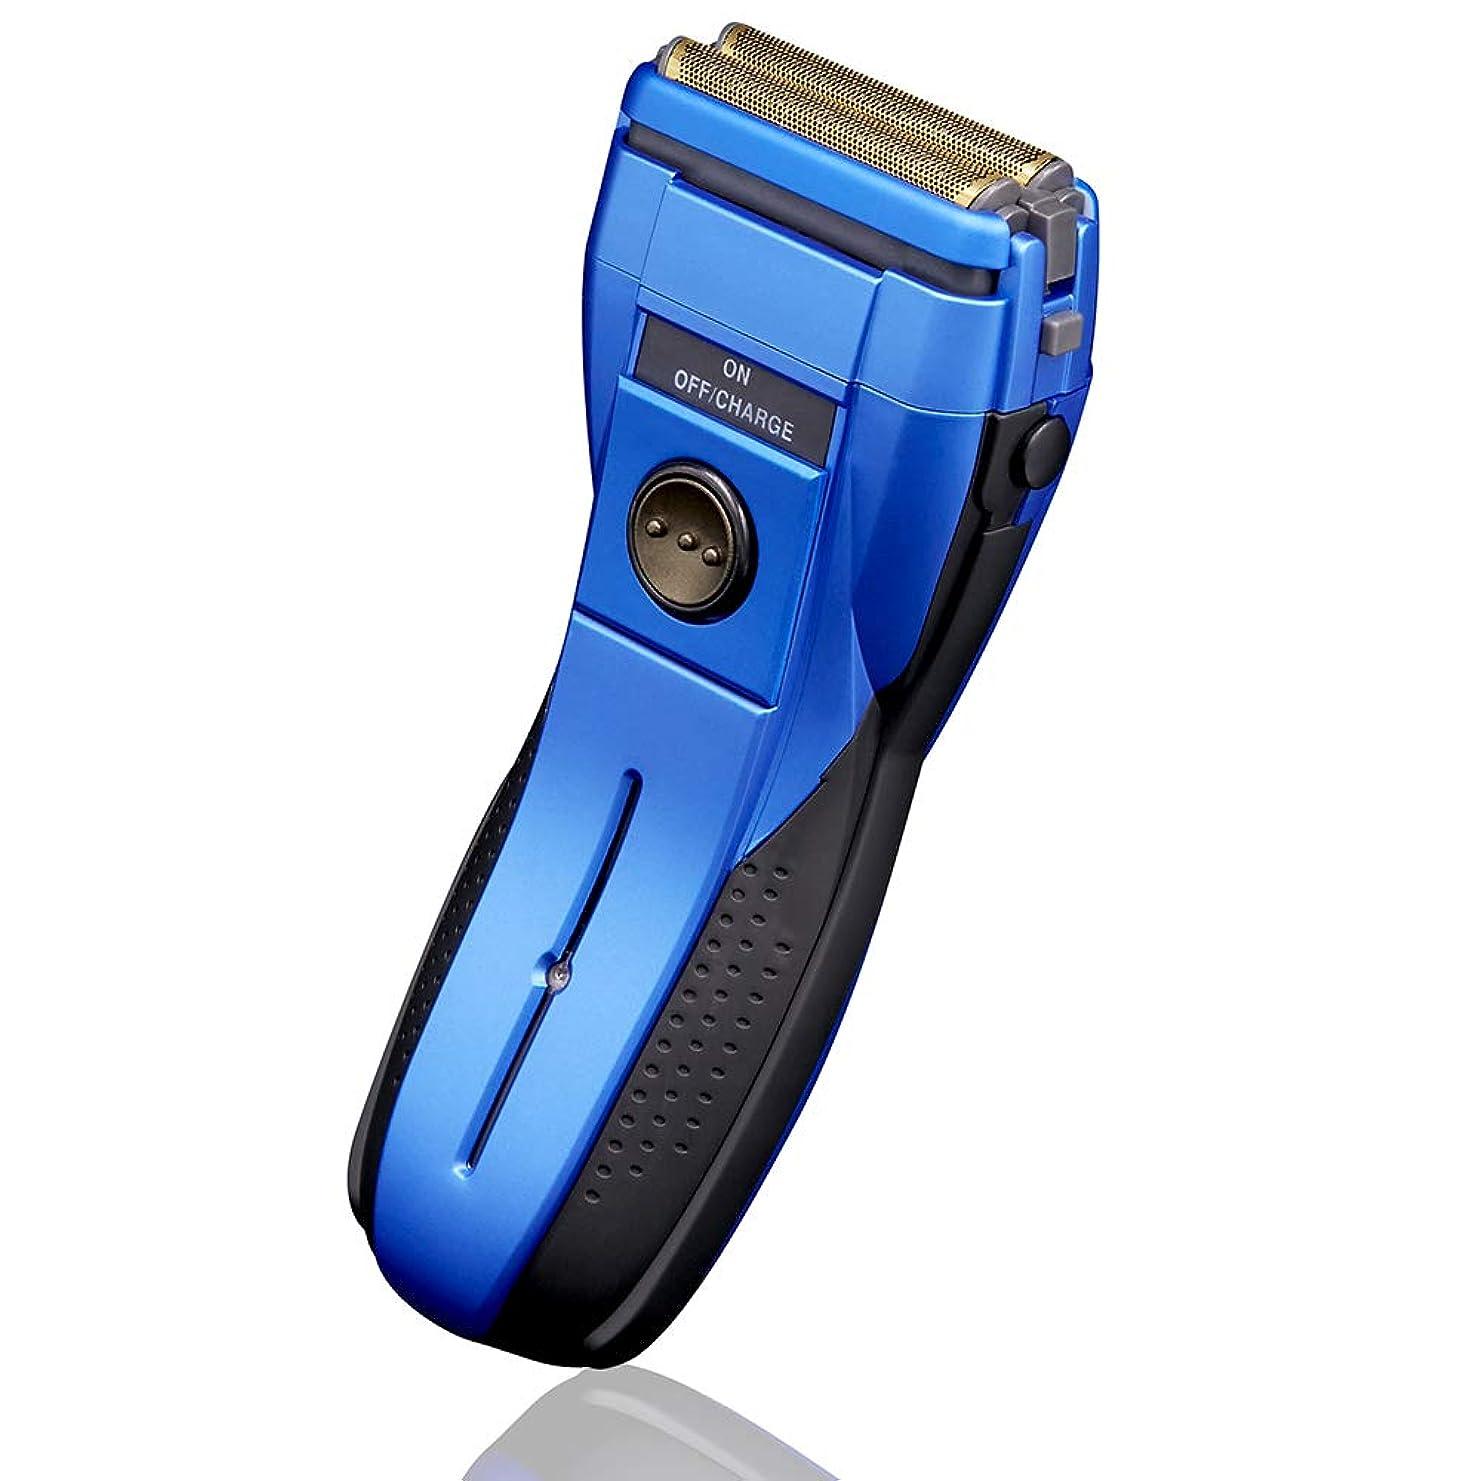 味プライム差別電気シェーバー 2枚刃 髭剃り メンズシェーバー 替え刃付属付き 水洗い対応 ウォッシャブル 充電式 独立フローティング2枚刃 (Blue)